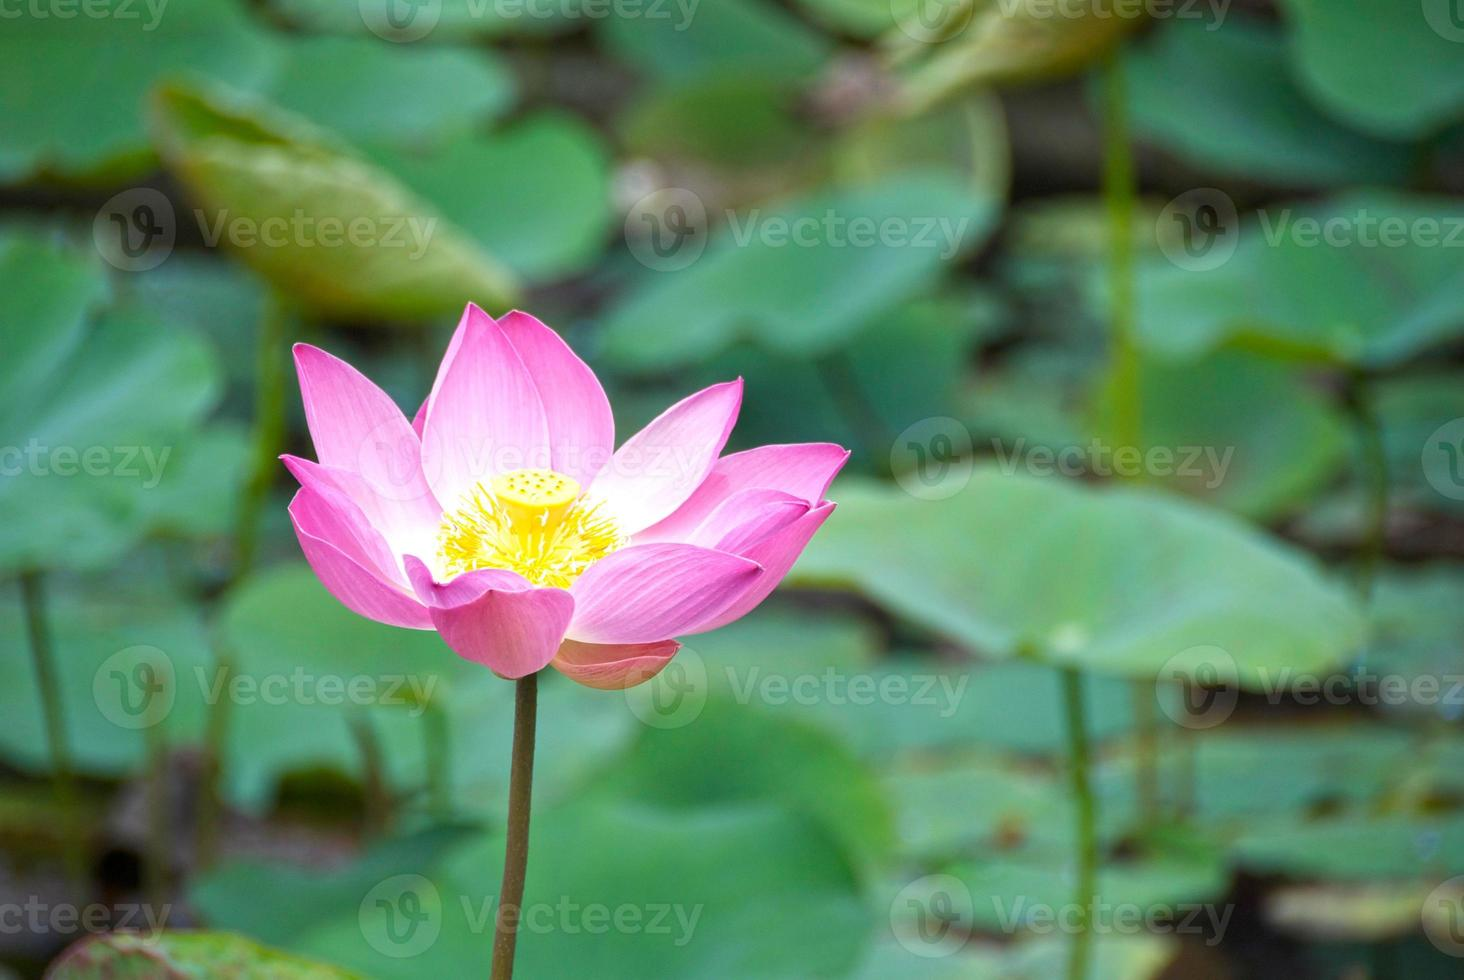 fiore di loto photo